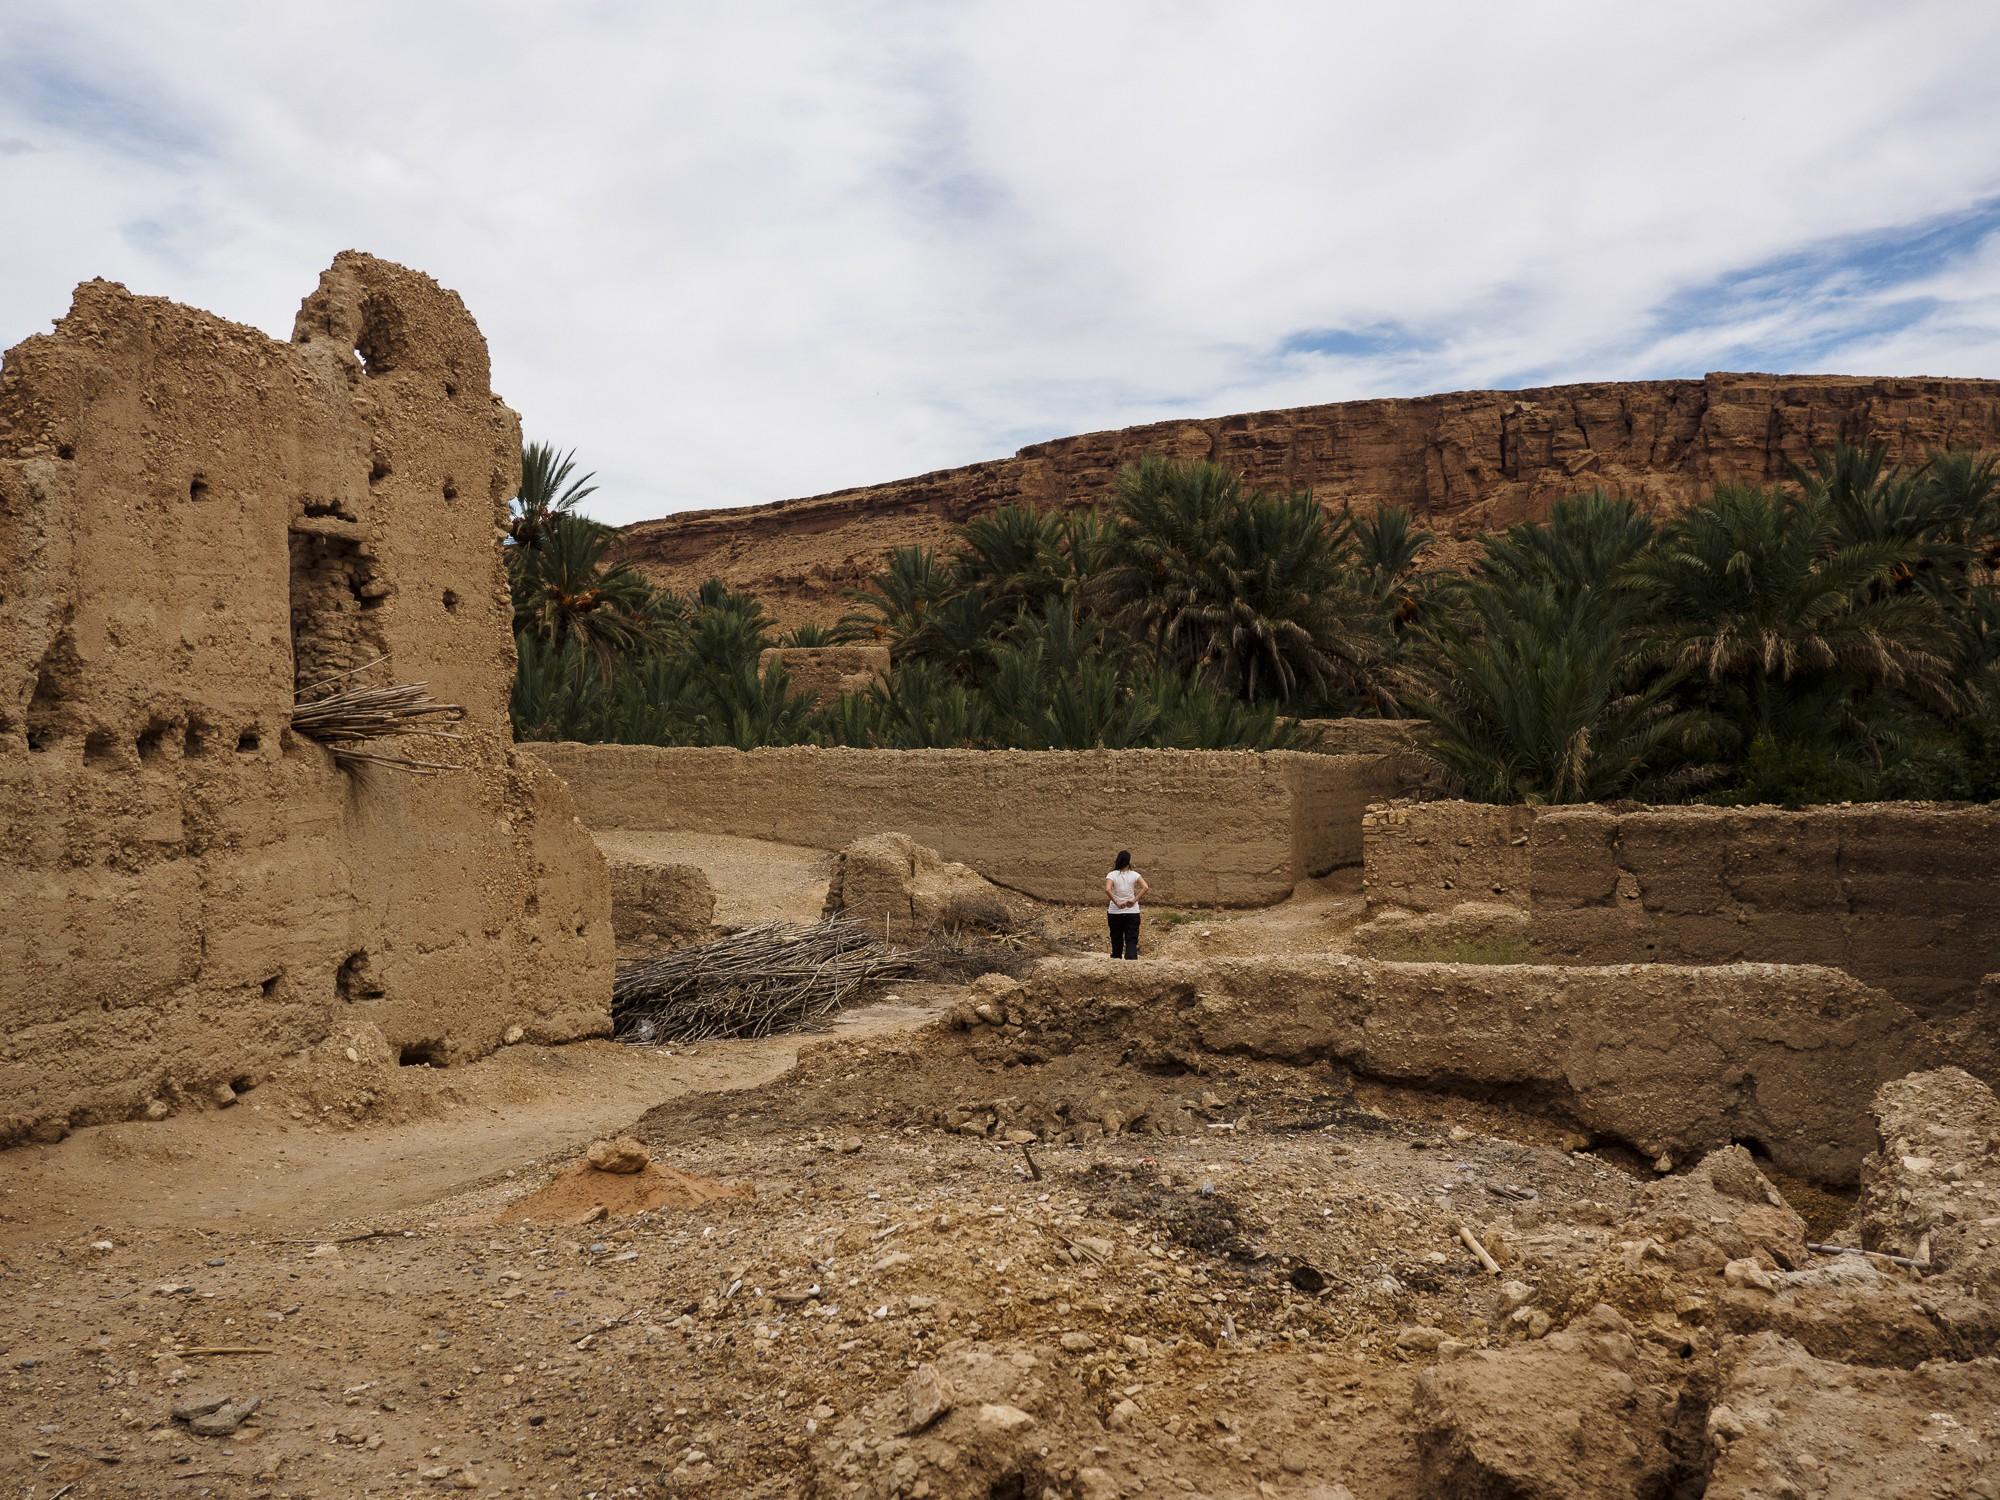 Una parte de la ciudad en ruinas junto al oasis.